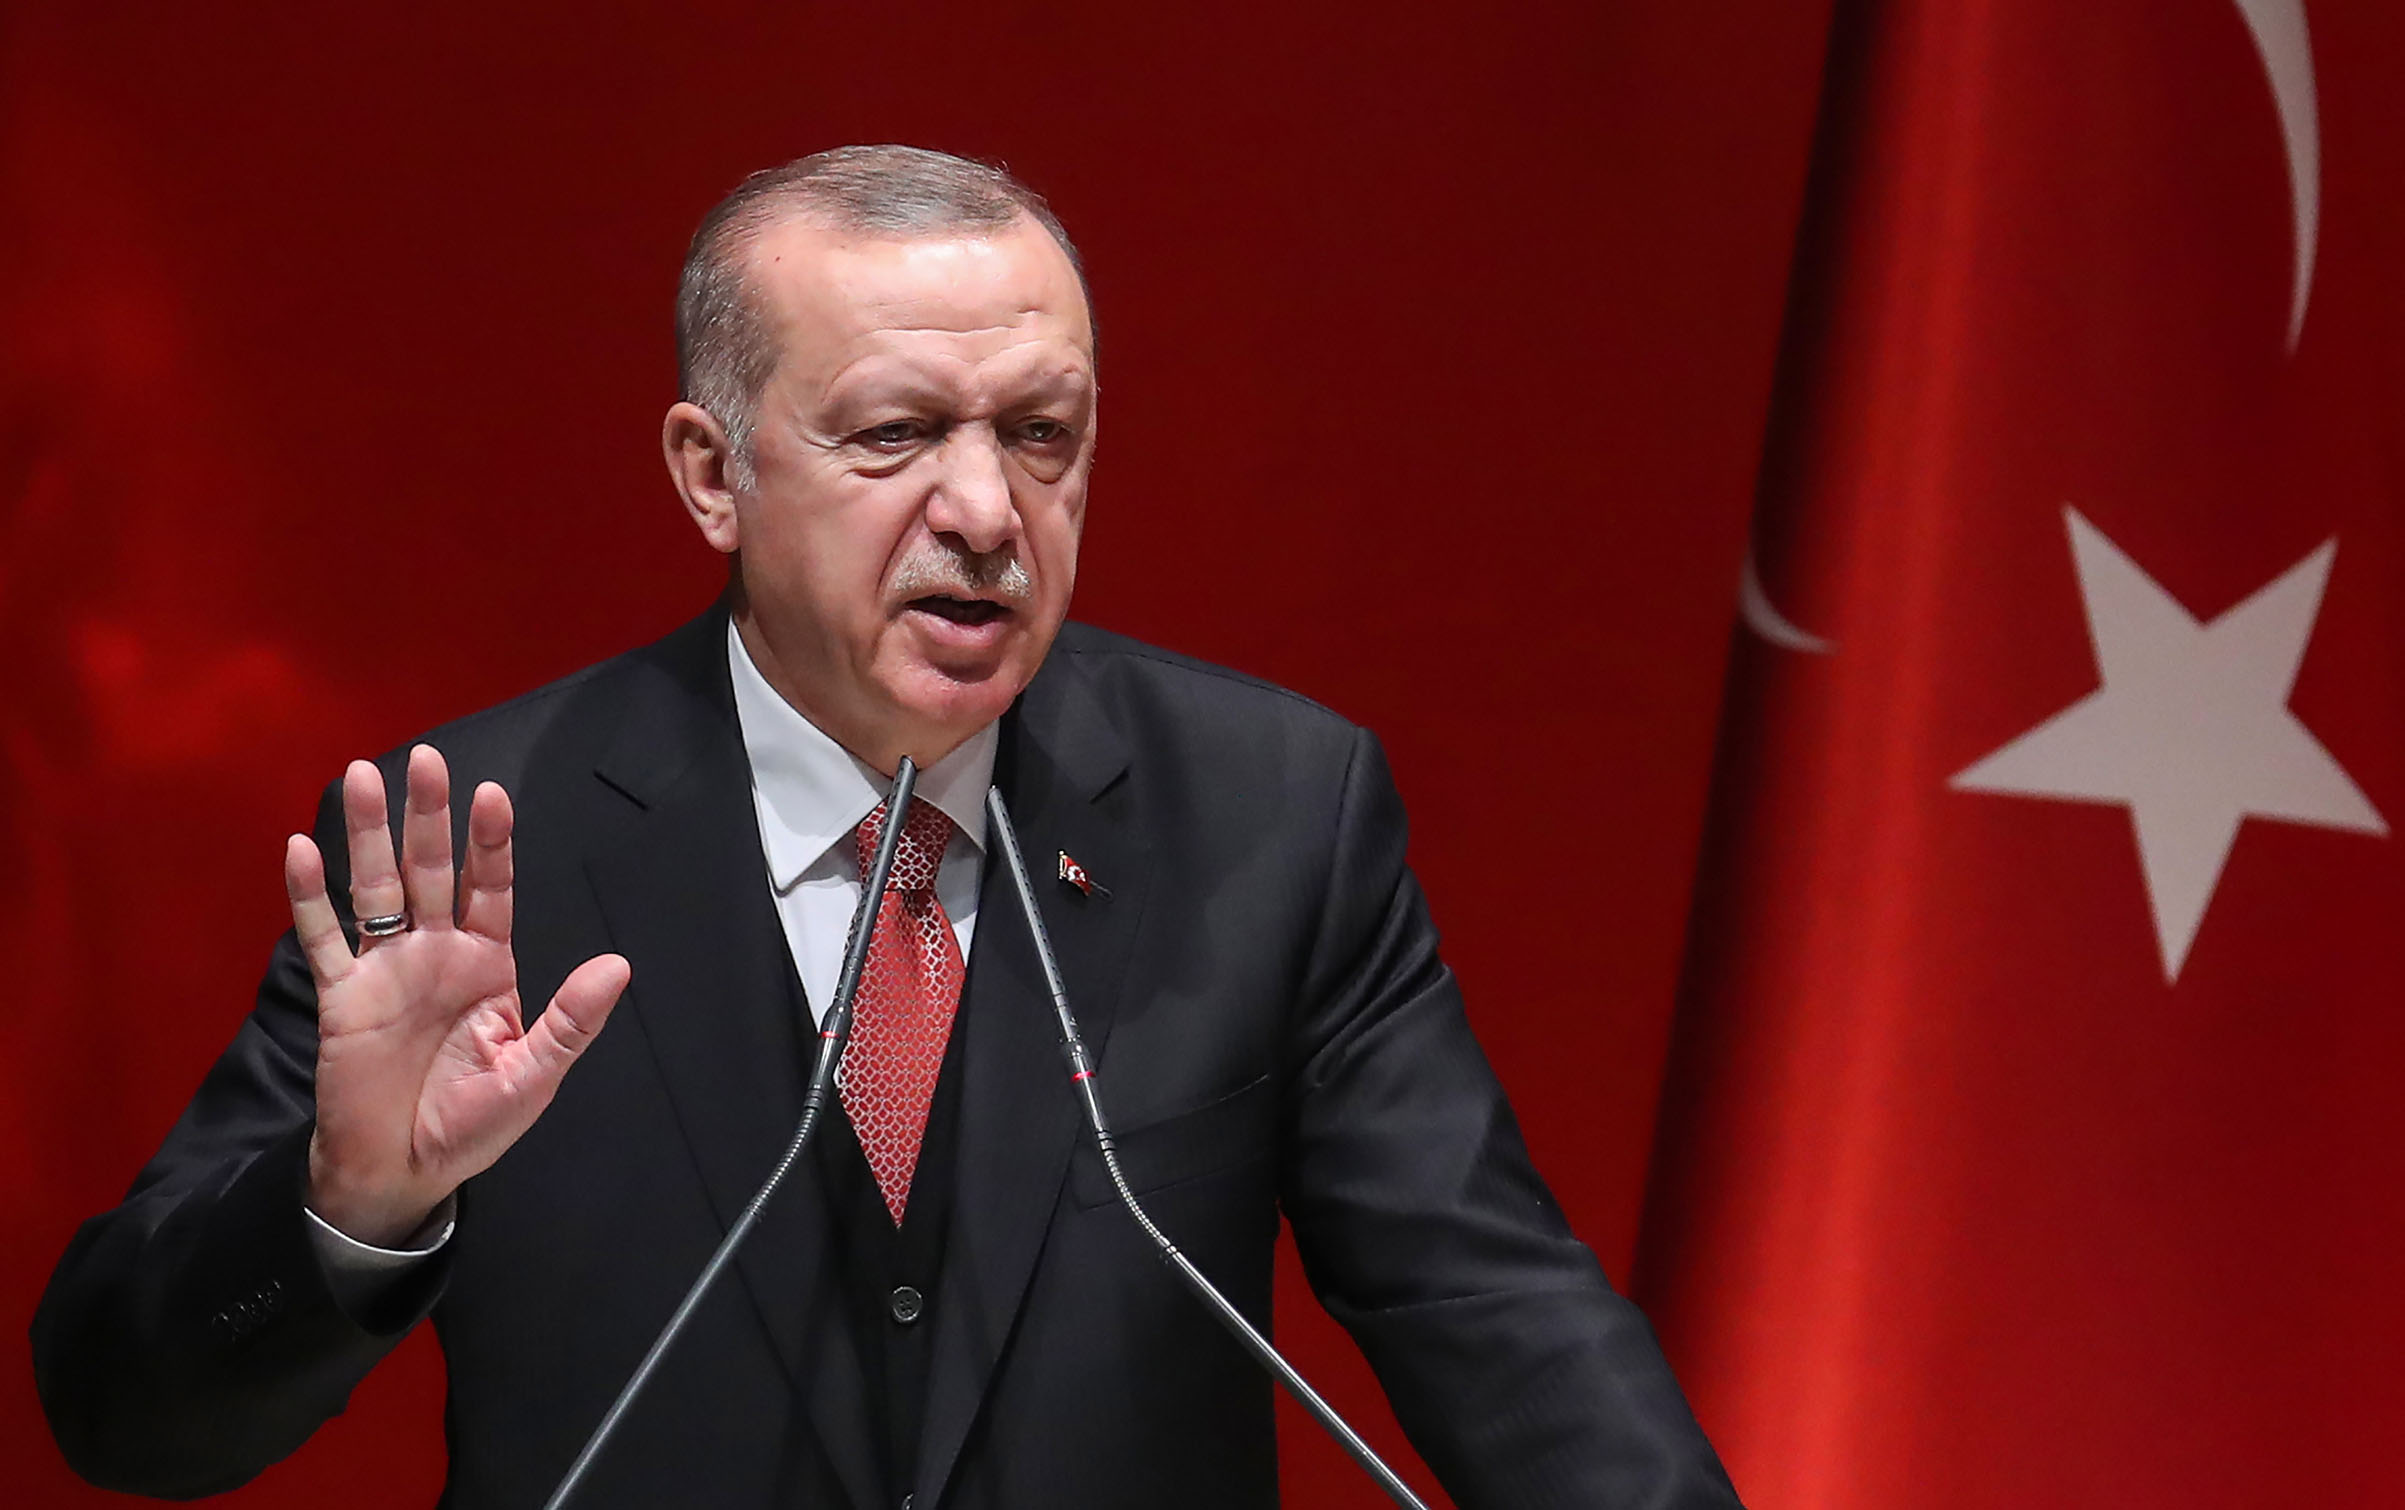 Erdogan 3,6 millió szíriai menekült Europába engedésével zsarolja az EU-t